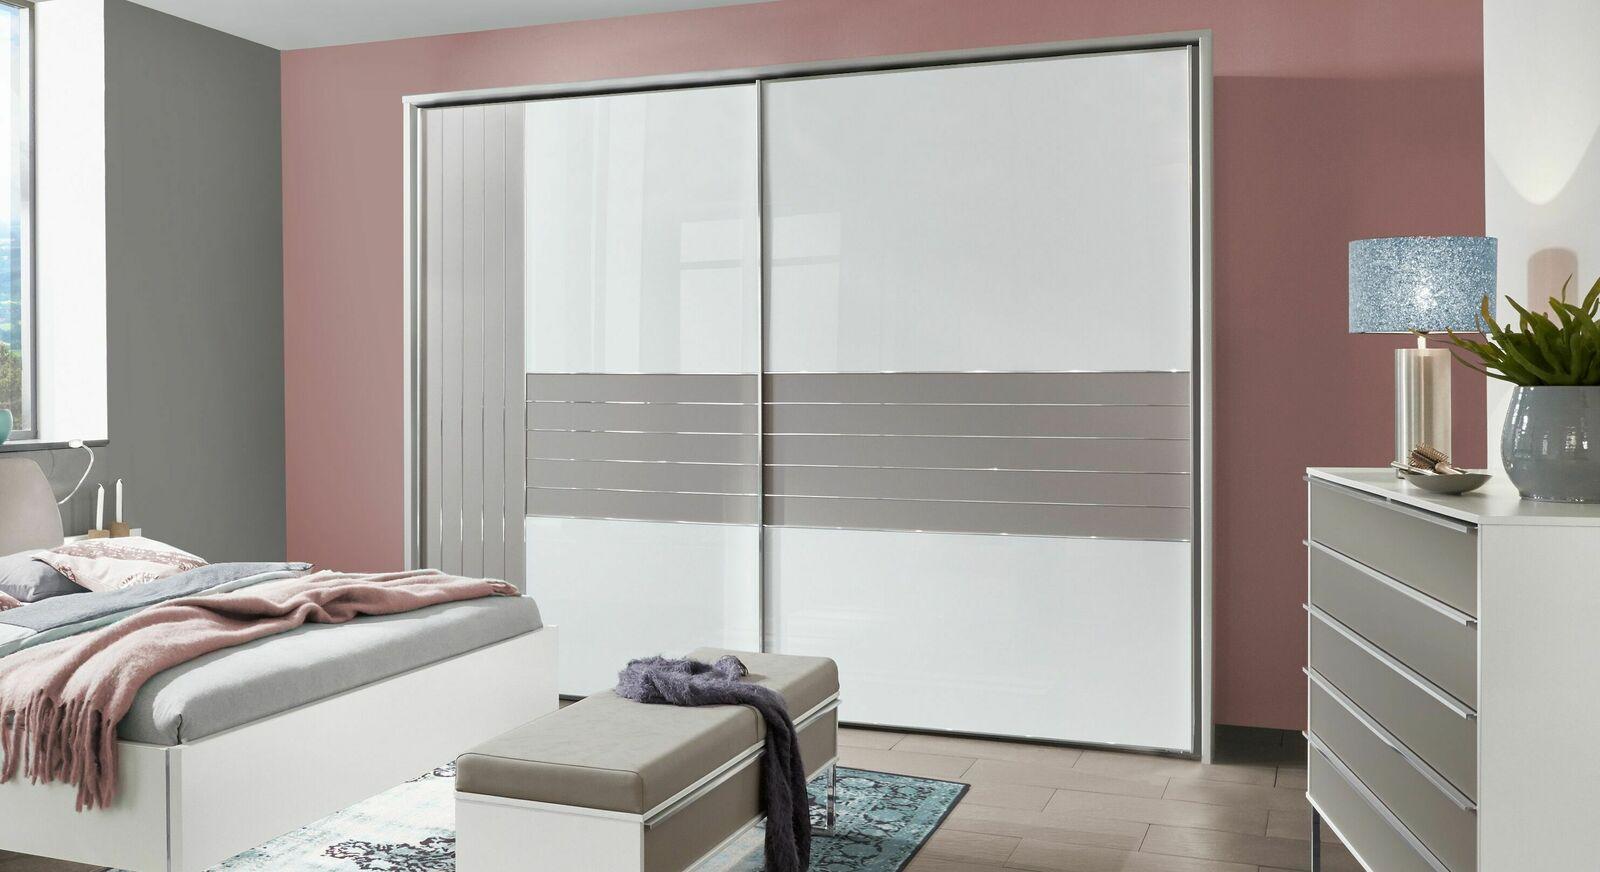 Schwebetüren-Kleiderschrank Waterbury optional mit Passepartout-Rahmen